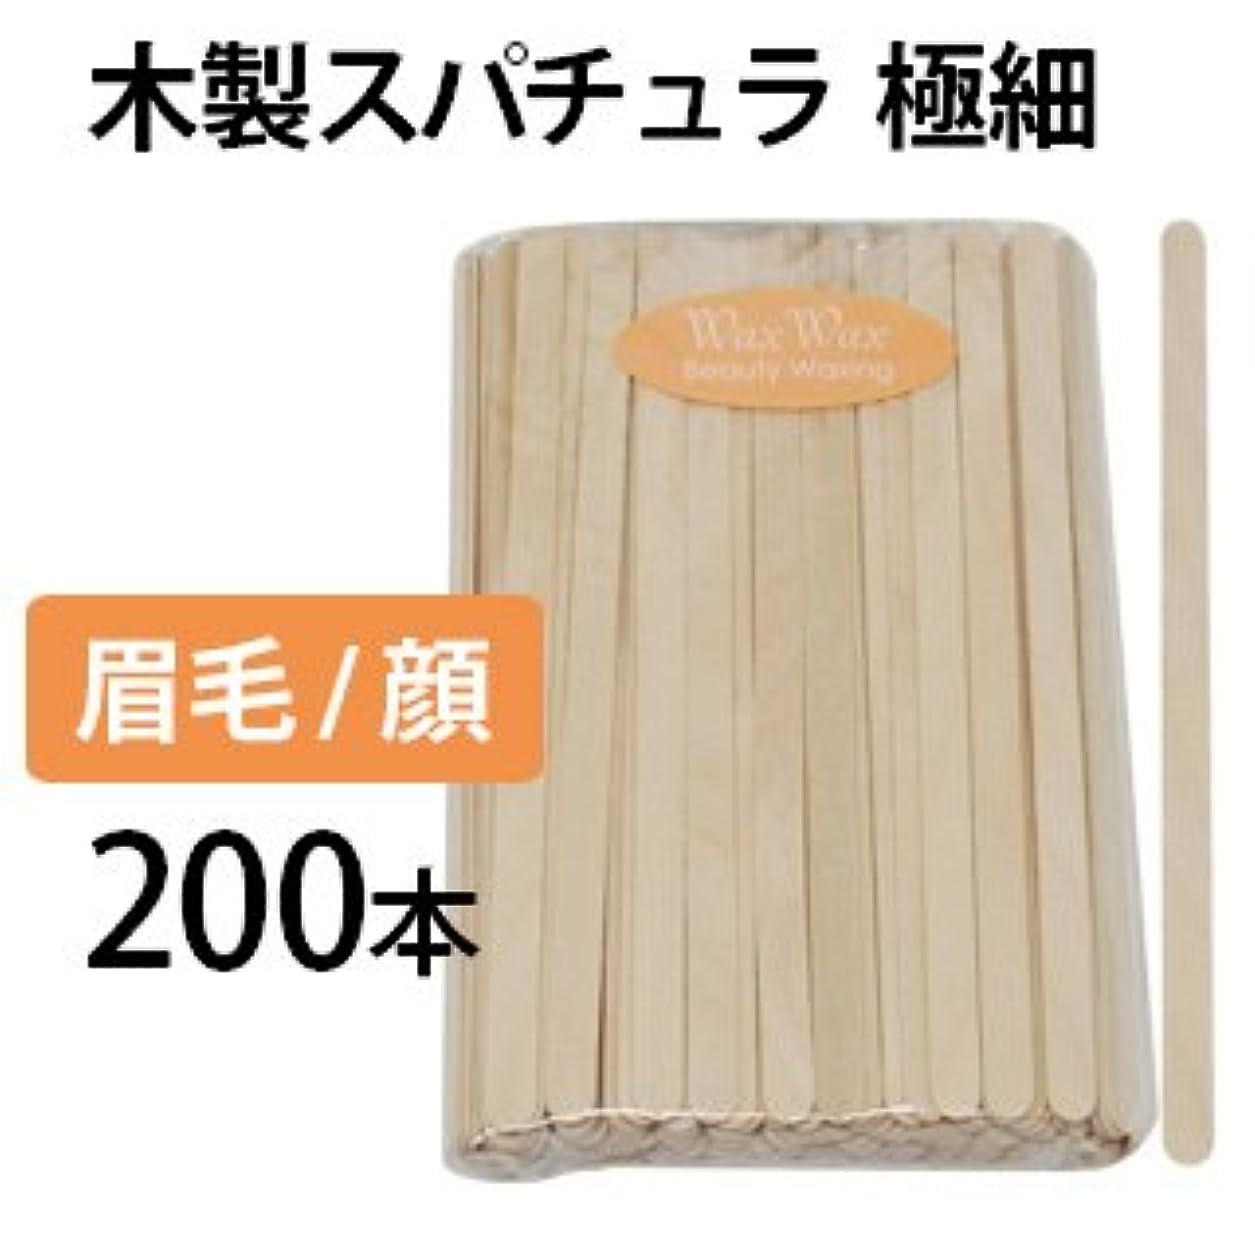 ビルマ楕円形以降眉毛 アイブロウ用スパチュラ 200本セット 極細 木製スパチュラ 使い捨て